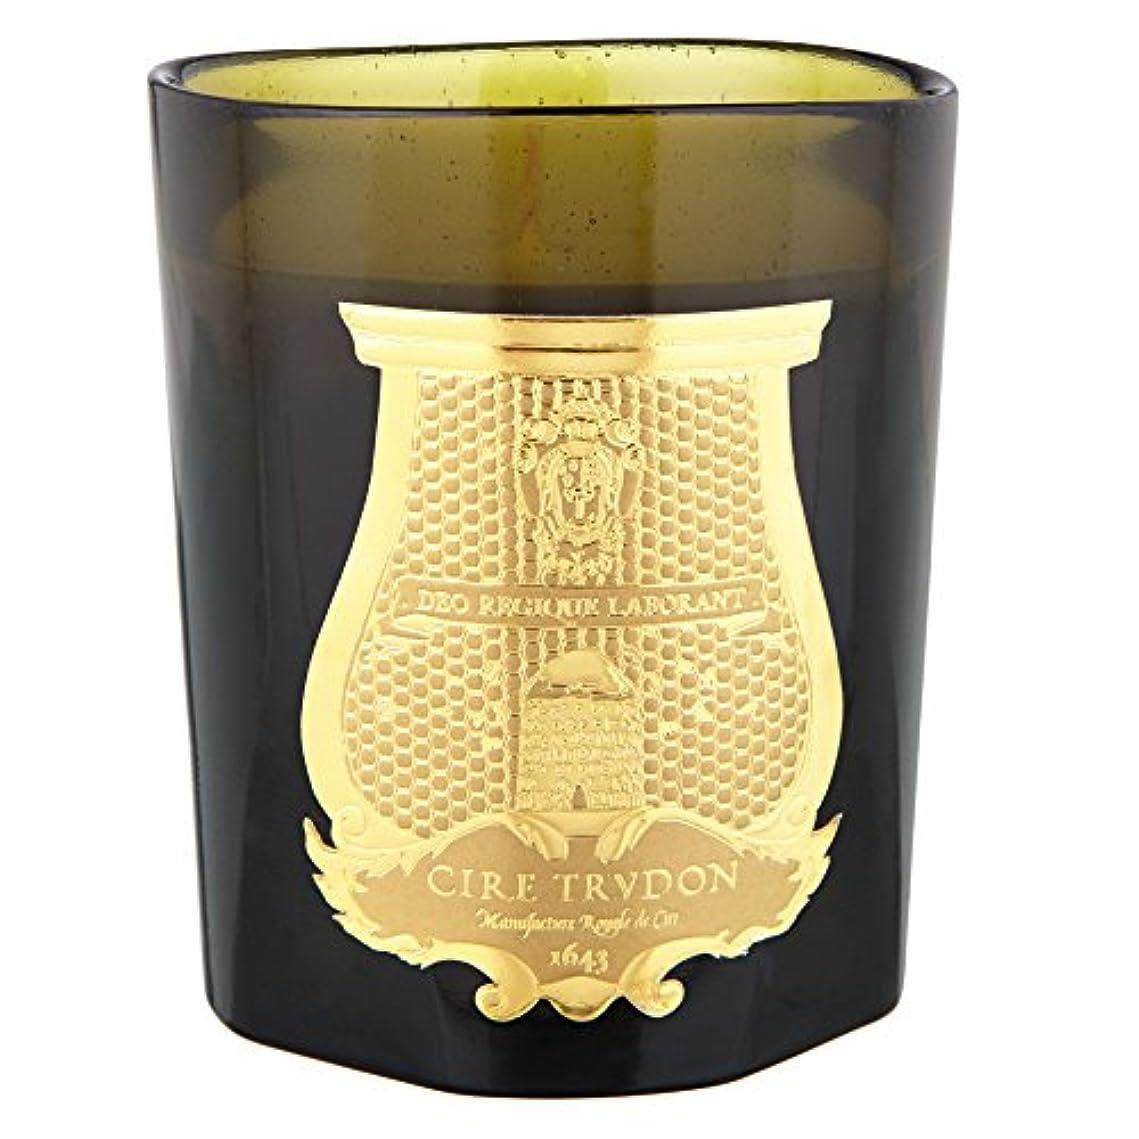 代わってまつげ集中的なCire Trudon酒精サンクティ香りのキャンドル (Cire Trudon) - Cire Trudon Spiritus Sancti Scented Candle [並行輸入品]